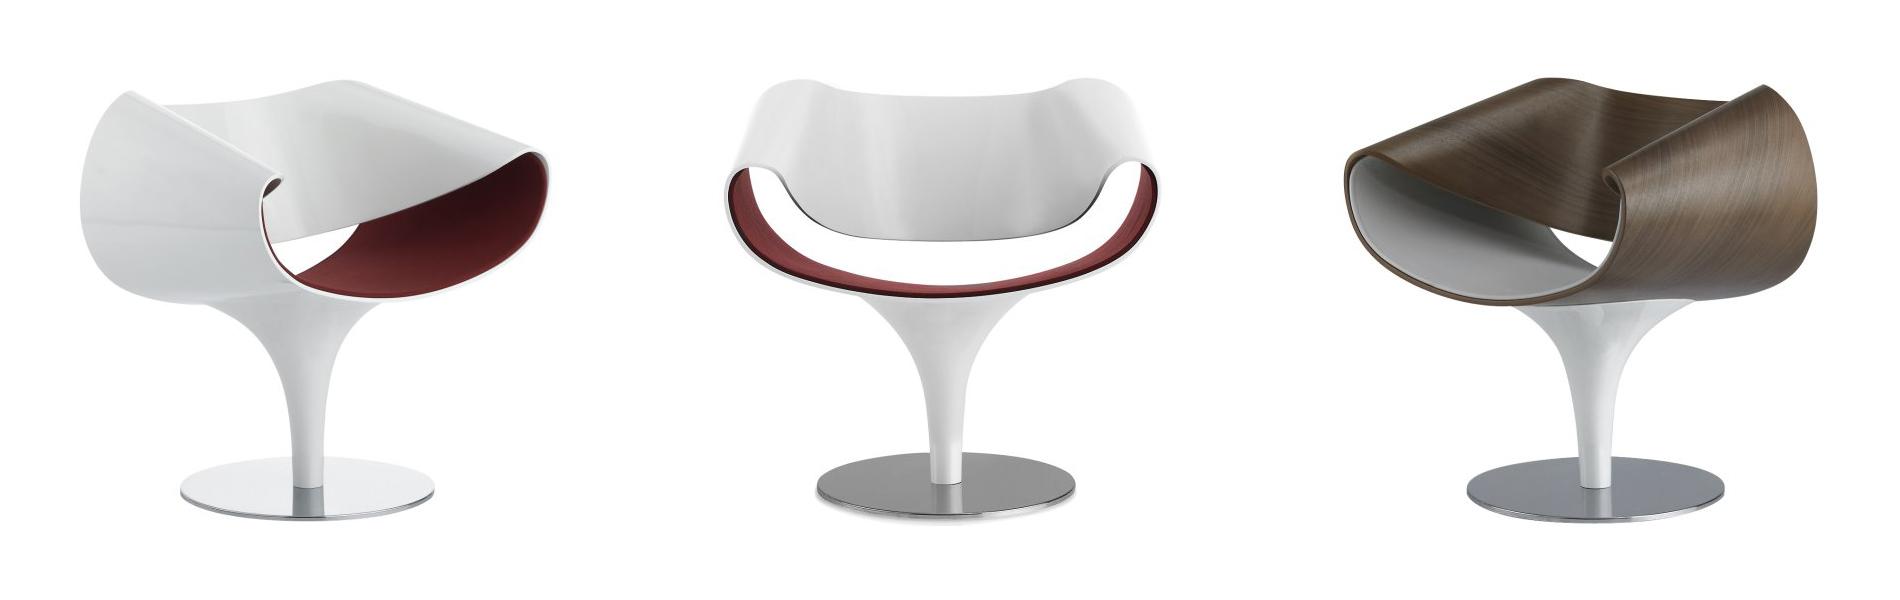 Sillas modernas ii decoraci n con madera for Diseno de sillas modernas